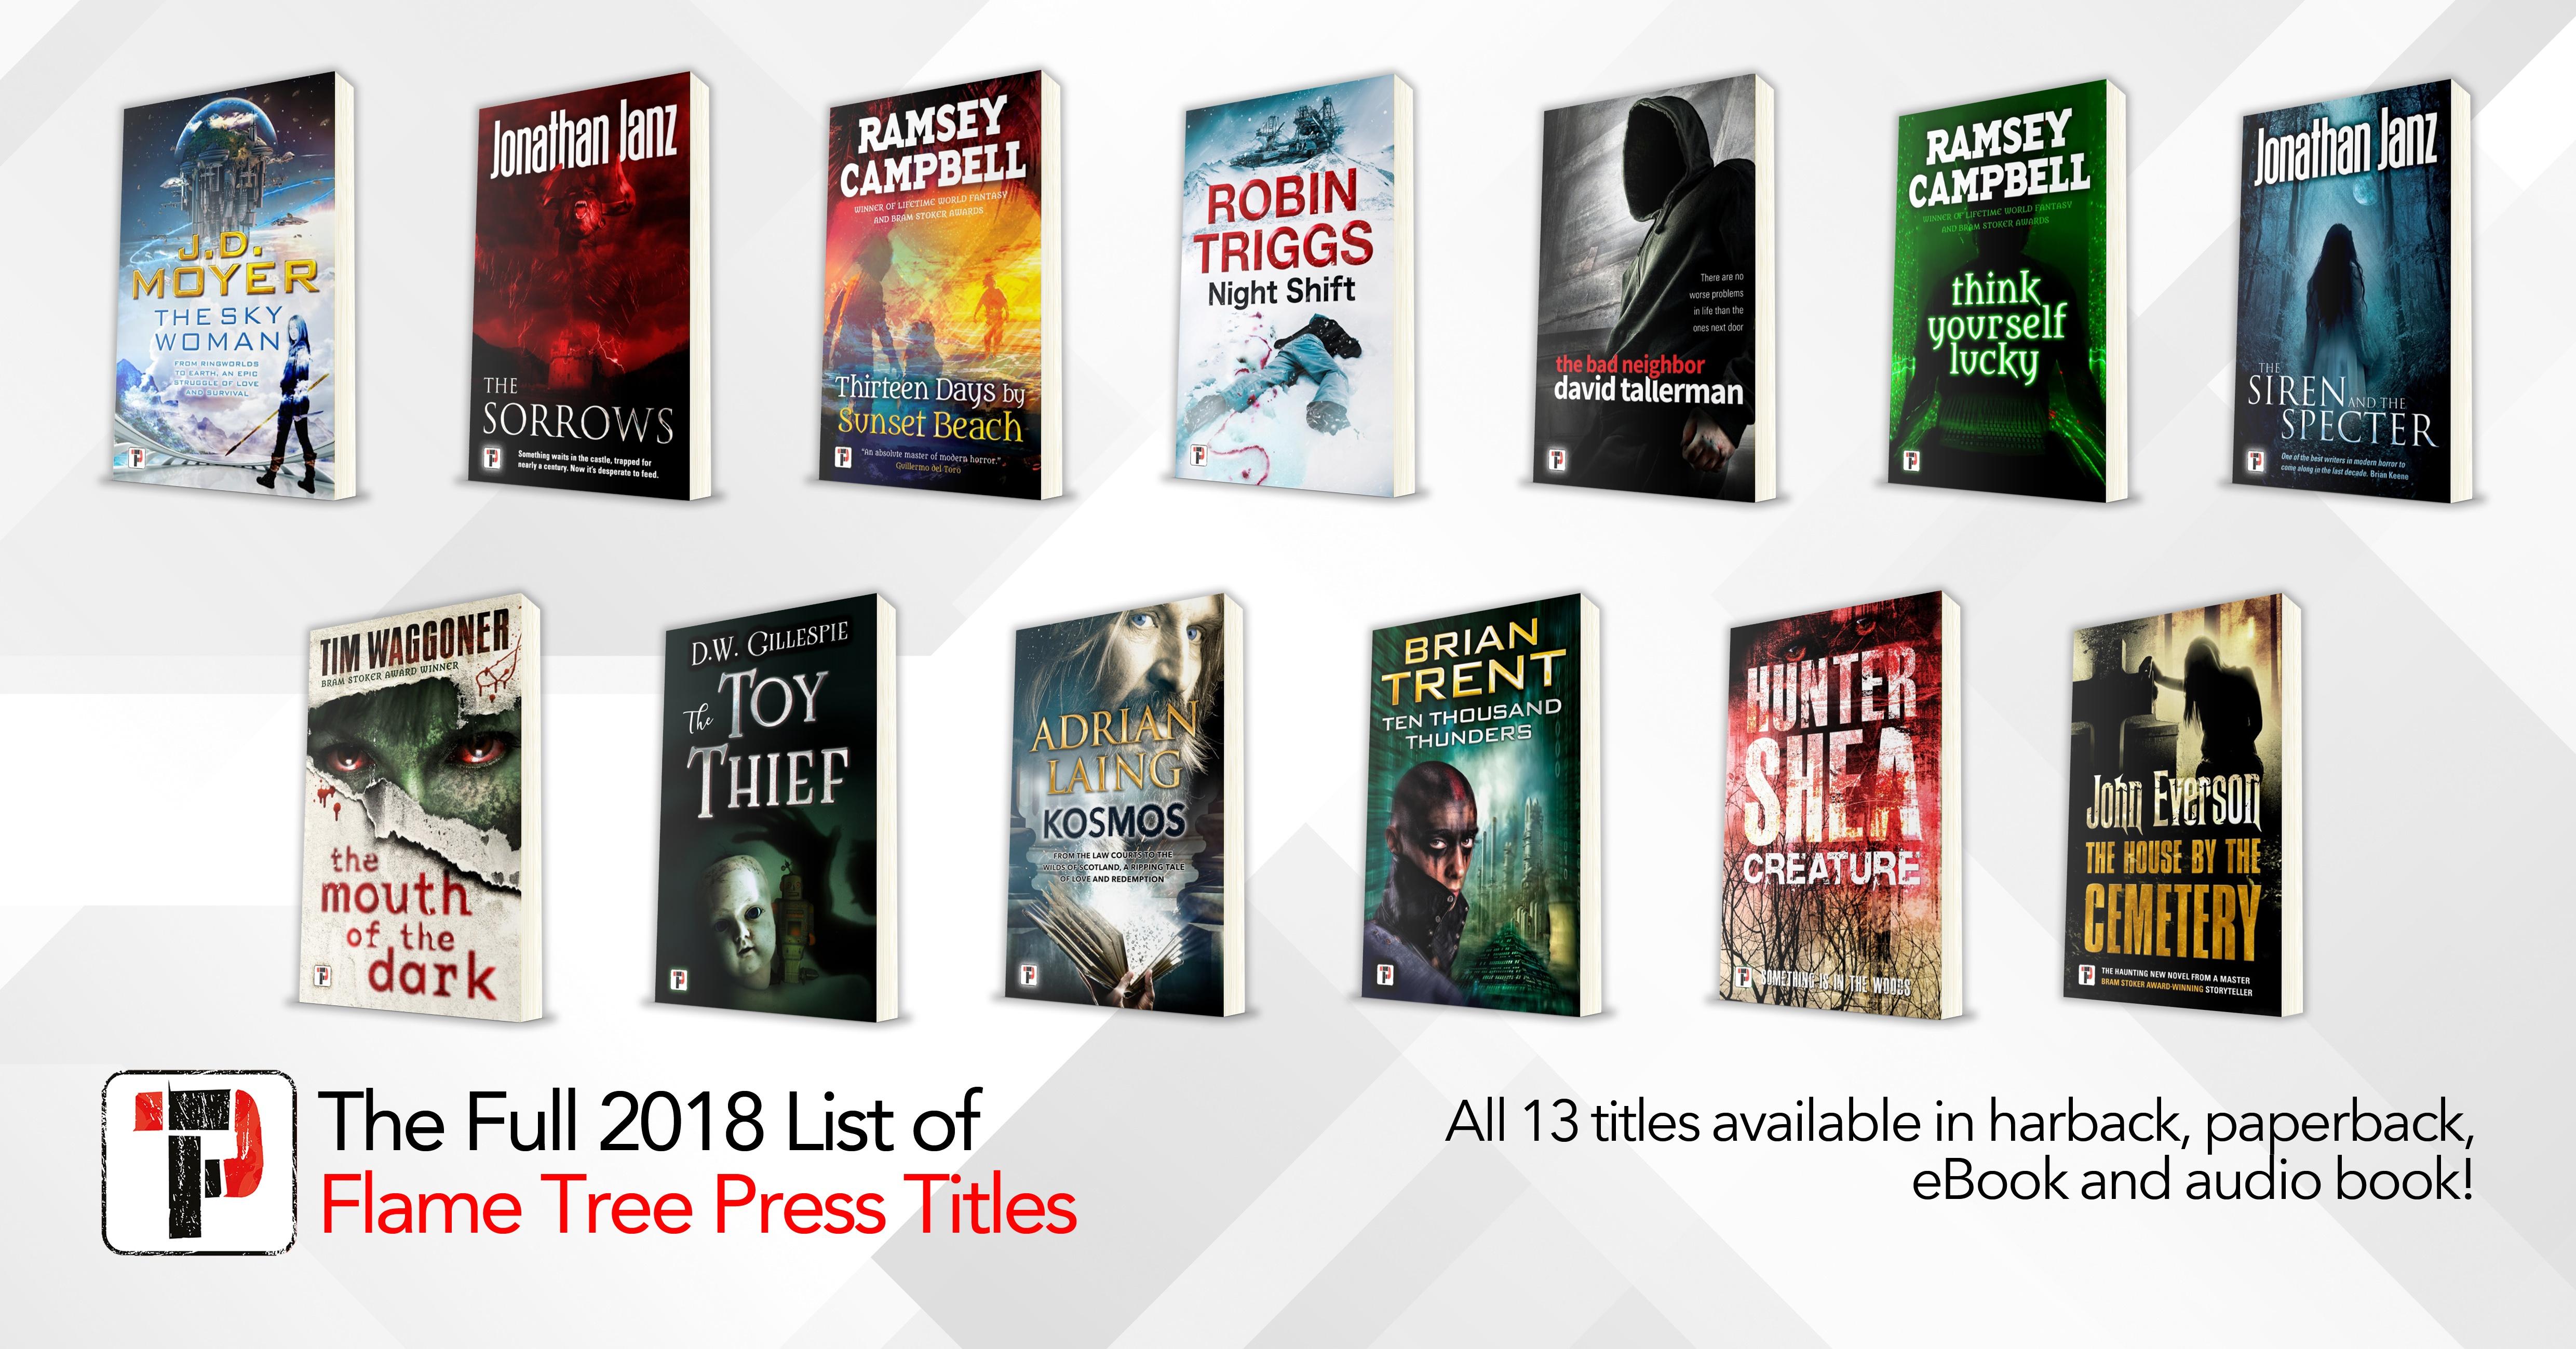 Full 2018 list